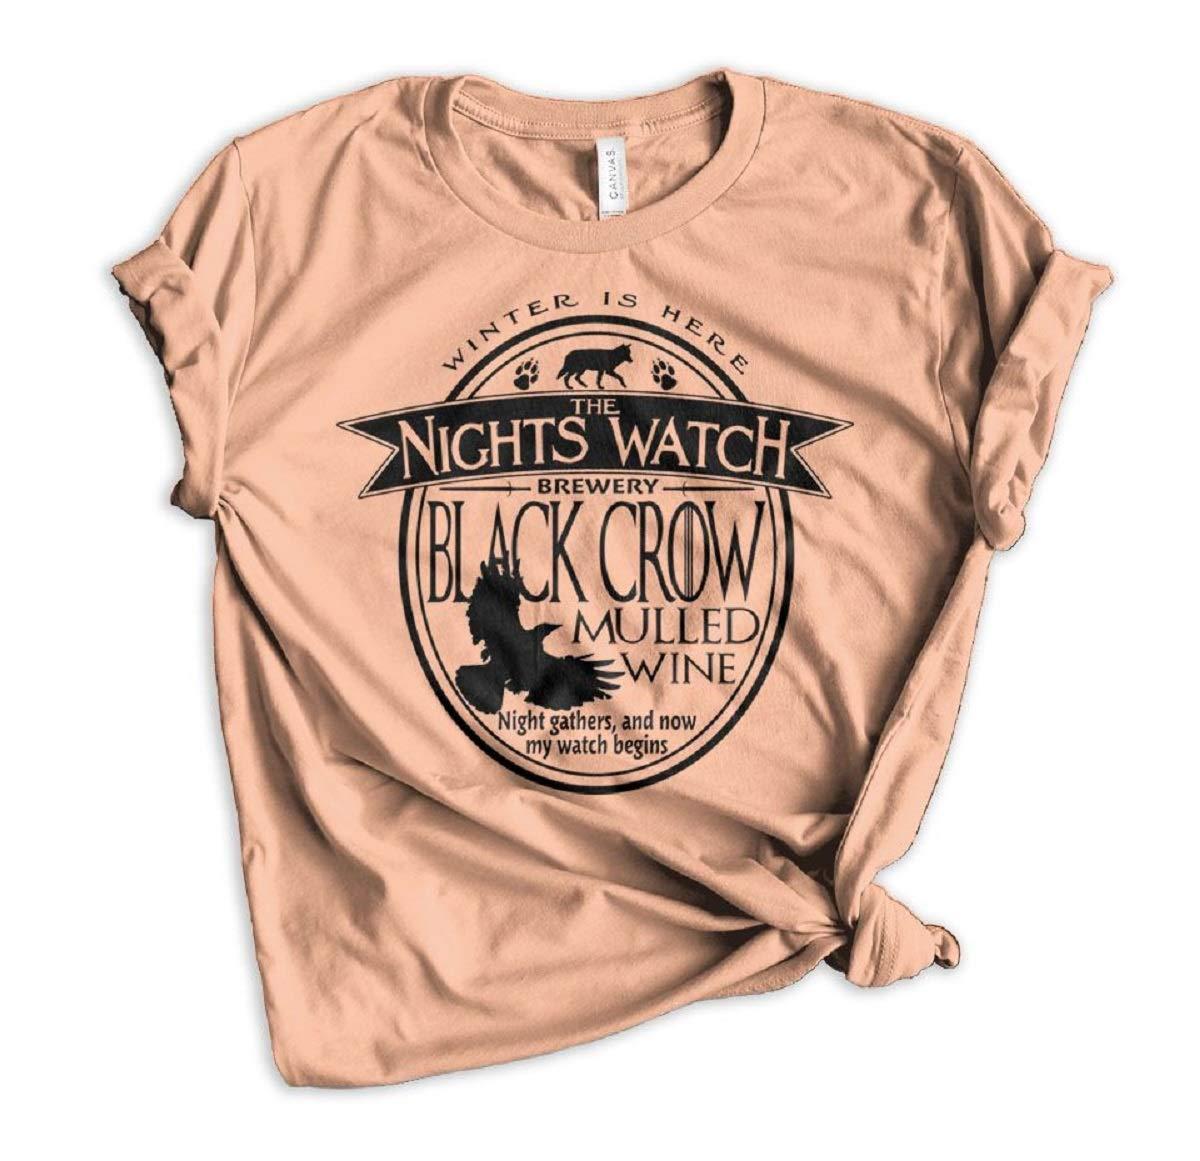 Jon Snow The Nights Watch Brewery Tee 9146 Shirts